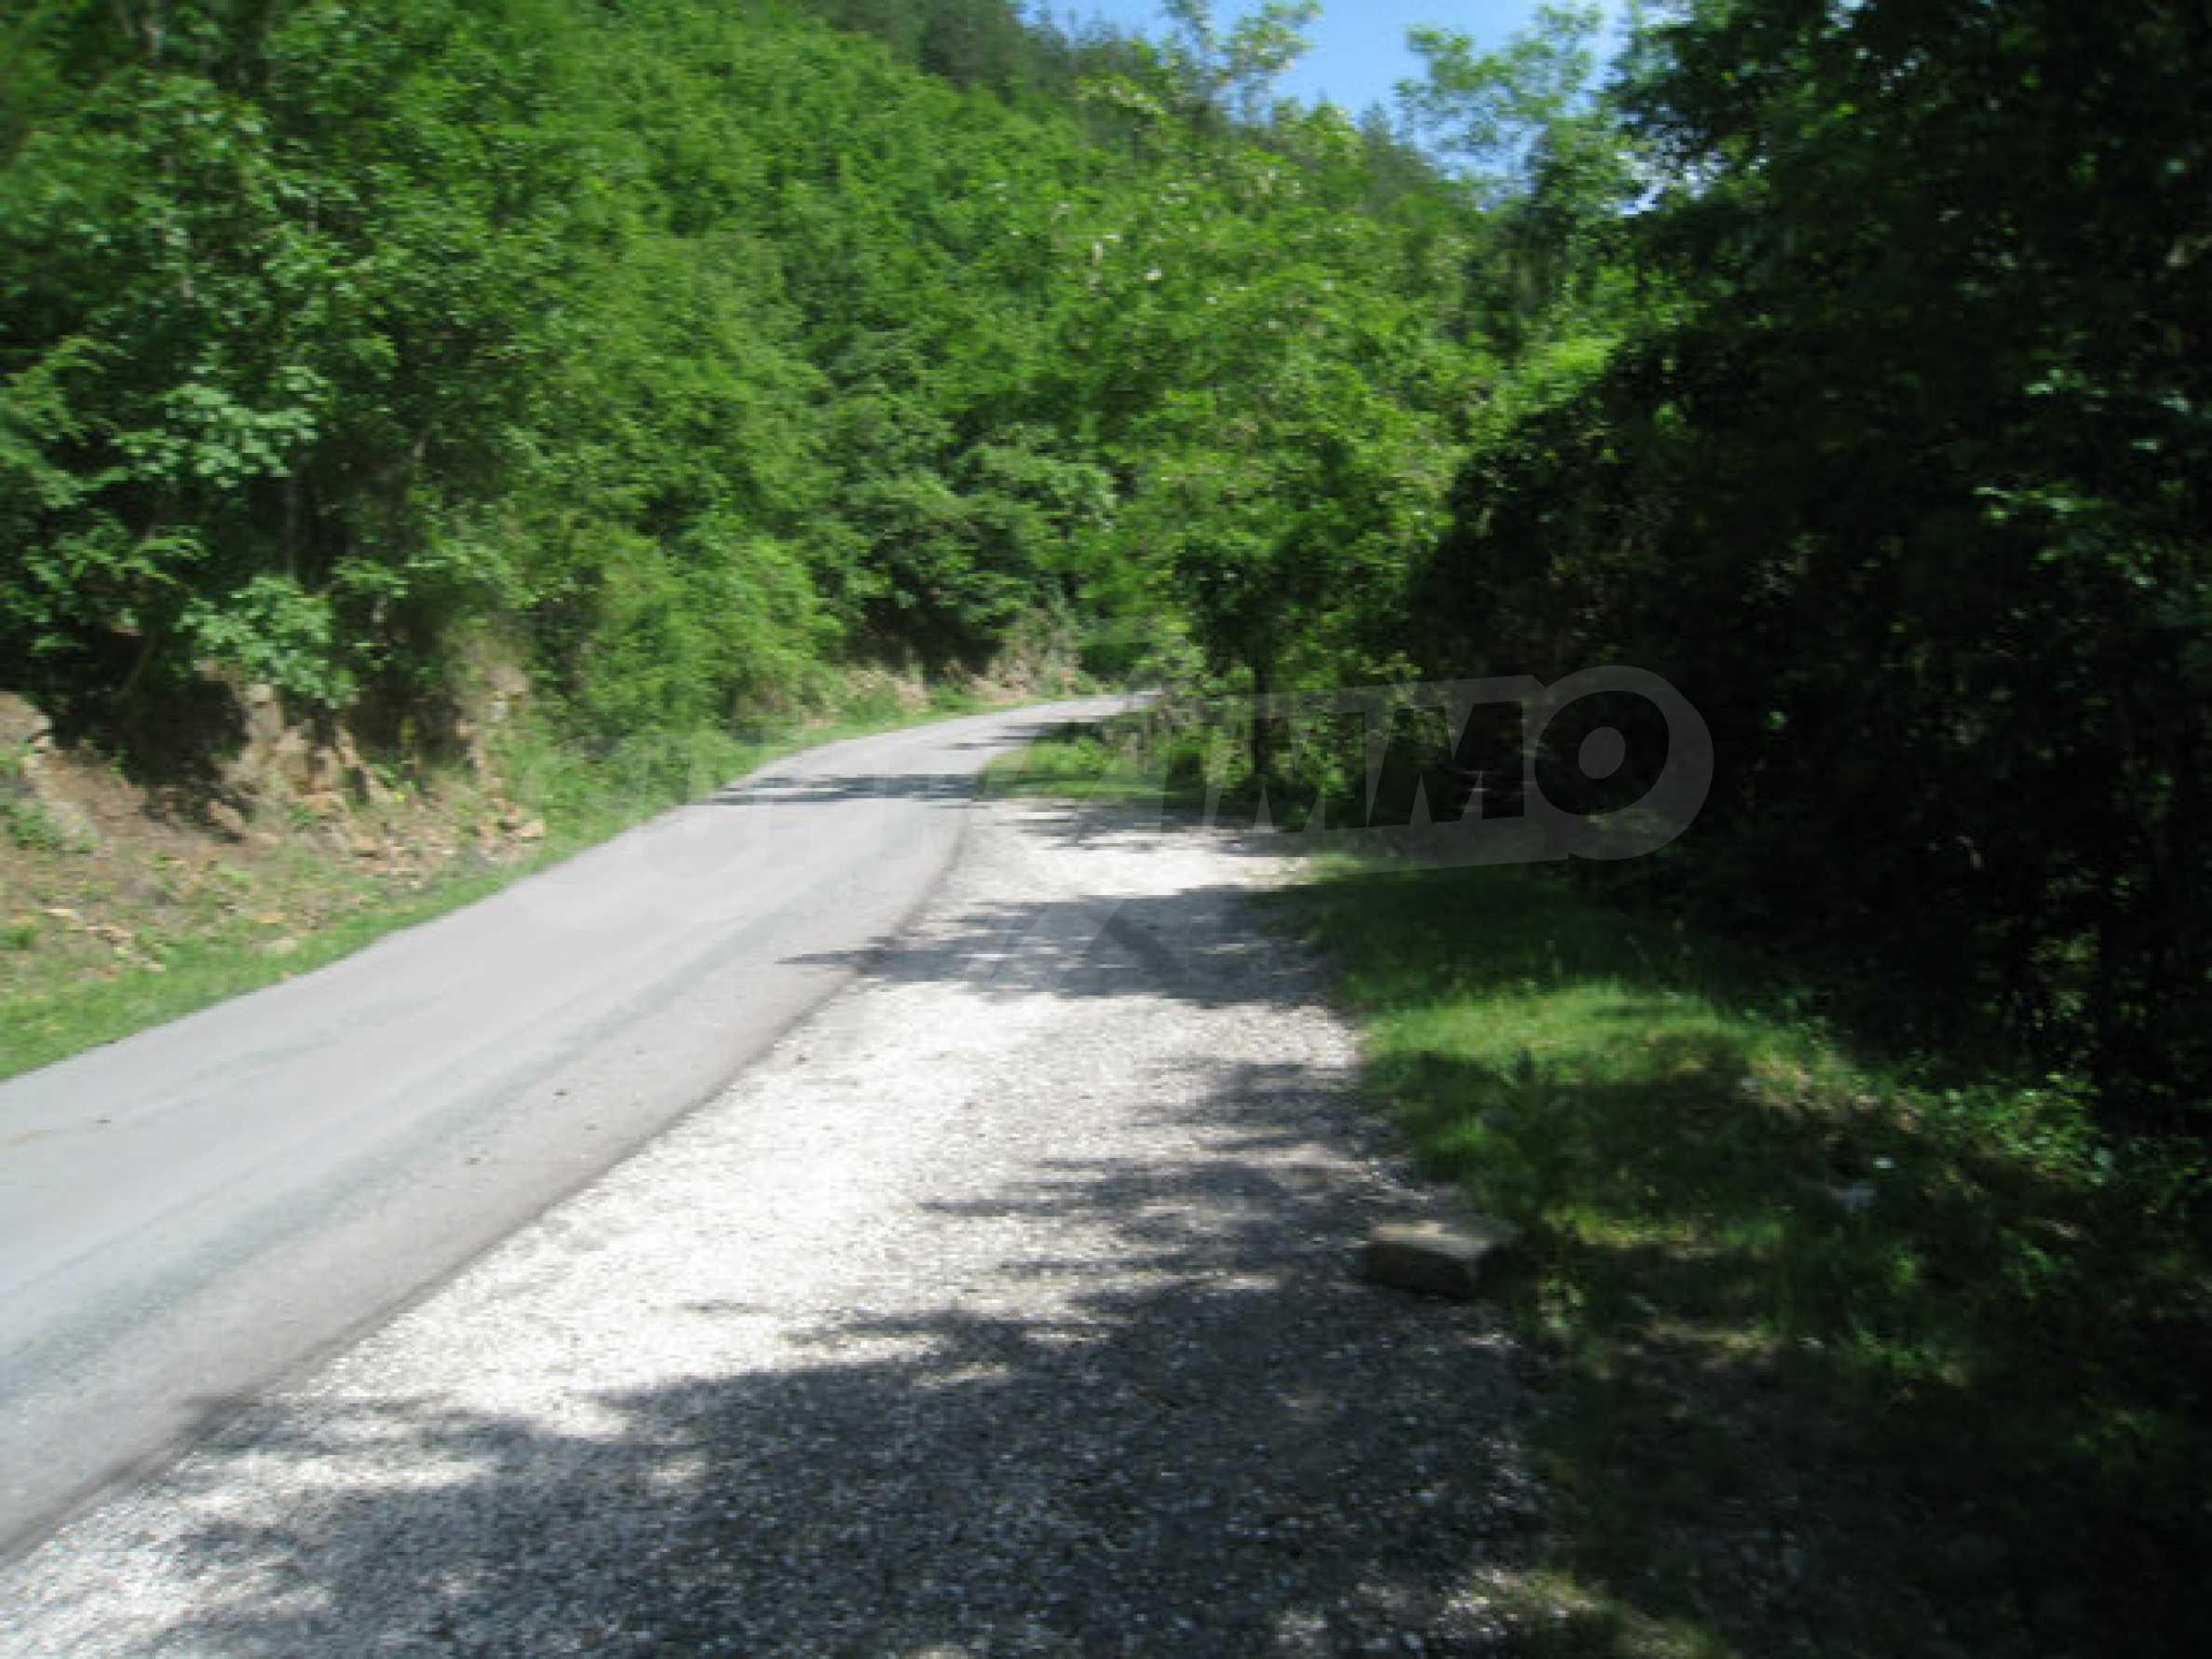 Development land in village 48 km from Svoge 23